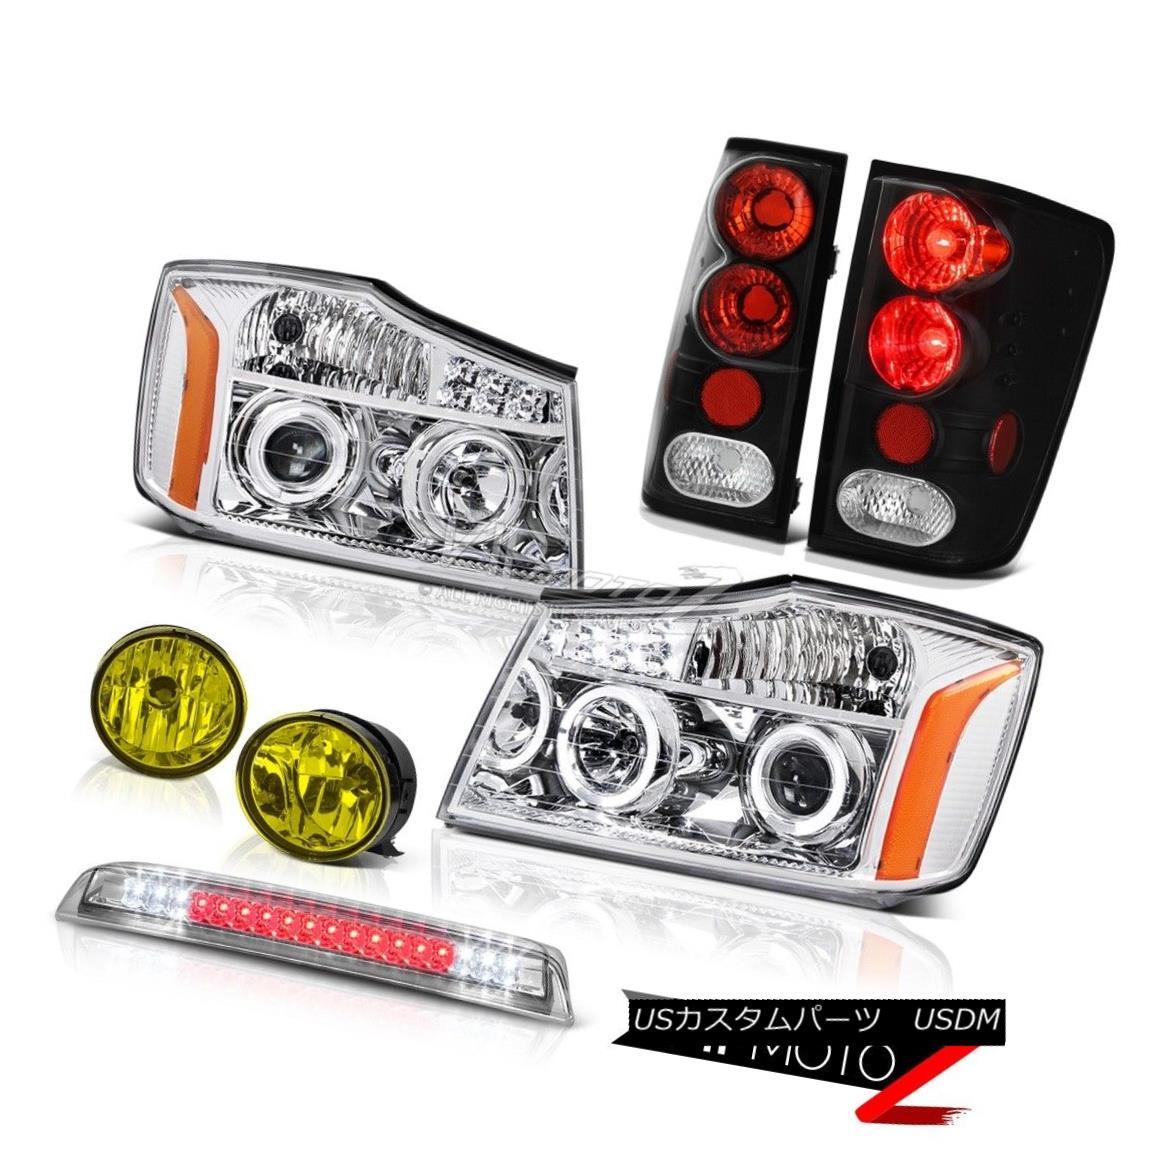 ヘッドライト Projector Headlights Tail Lights Halo Fog Brake Cargo LED For 04-15 Titan 4X4 プロジェクターヘッドライトテールライトHalo Fog Brake Cargo LED For 04-15 Titan 4X4